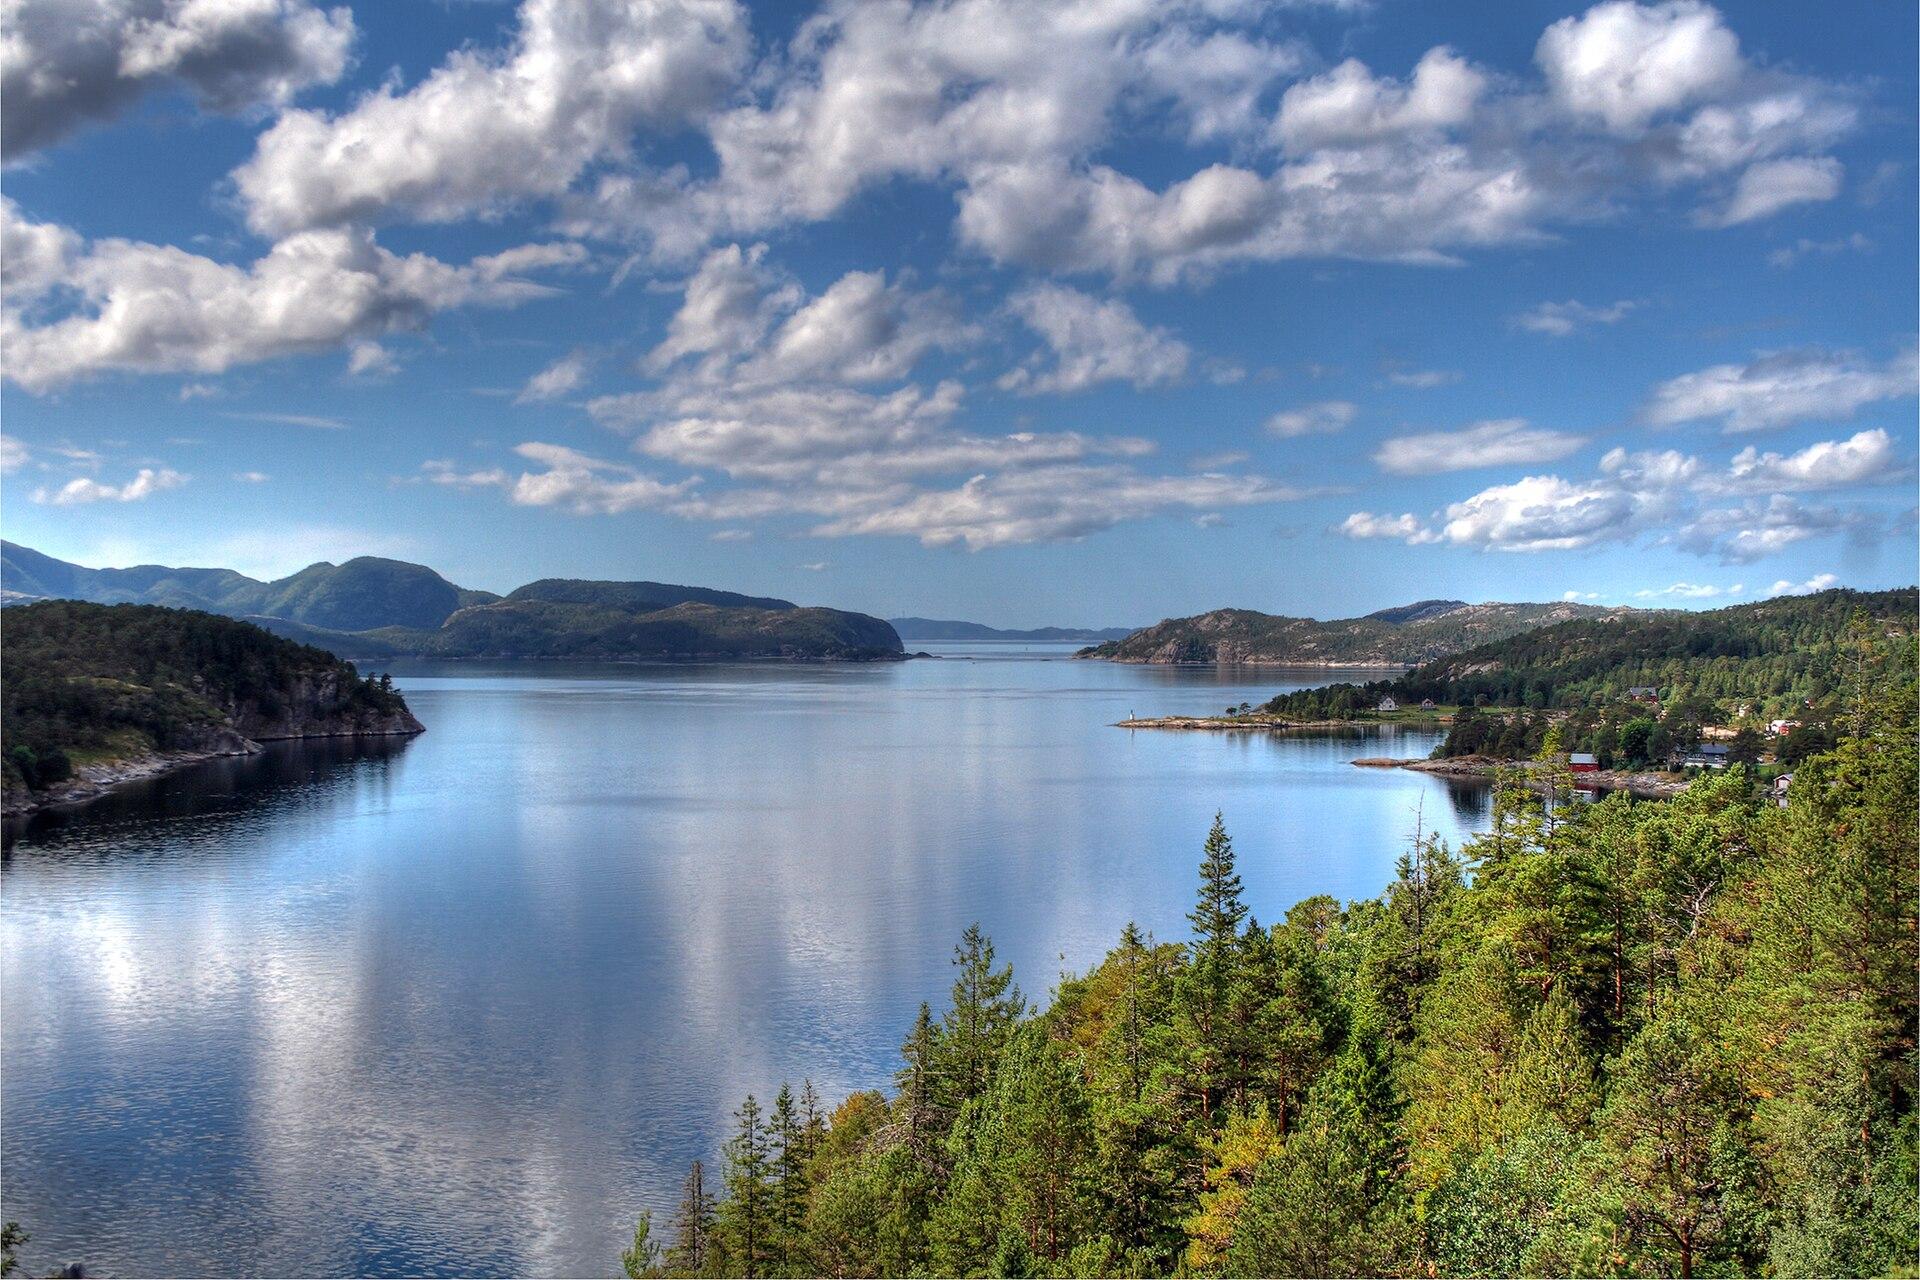 Mellom fjord, hei og fjell på Senum - chambersunion.com